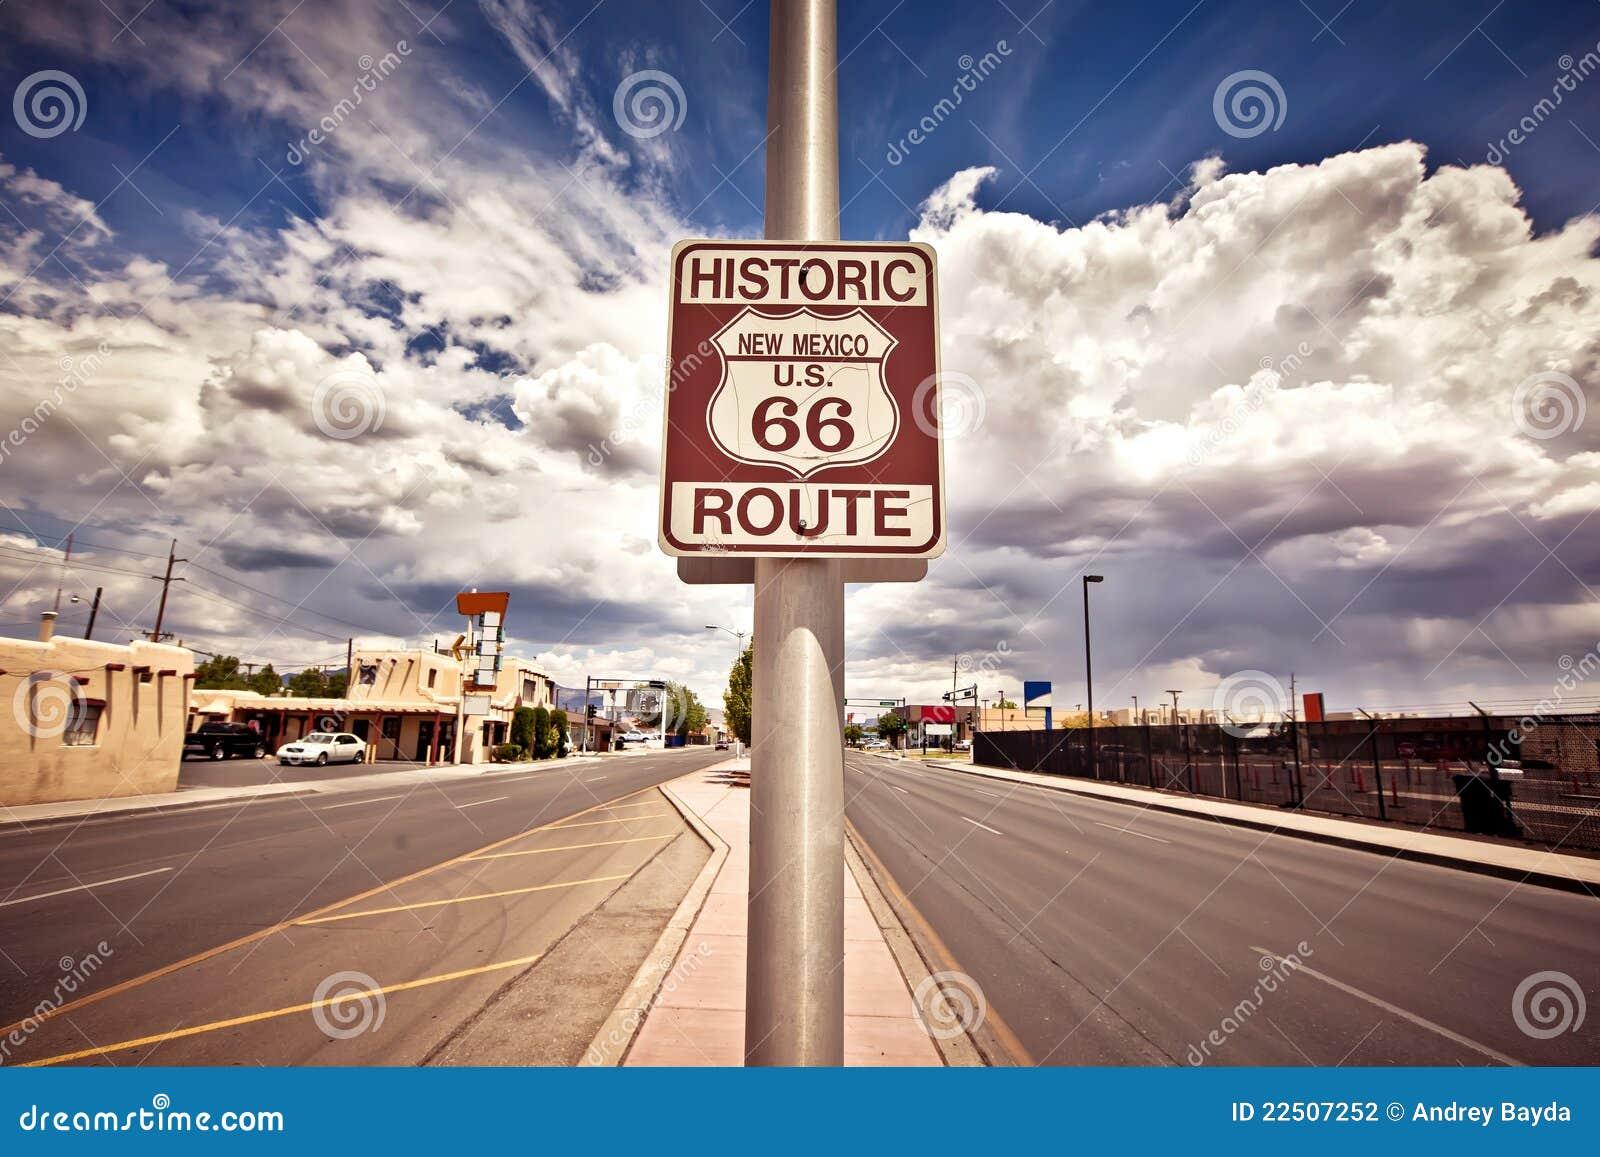 66 trasa historyczny znak